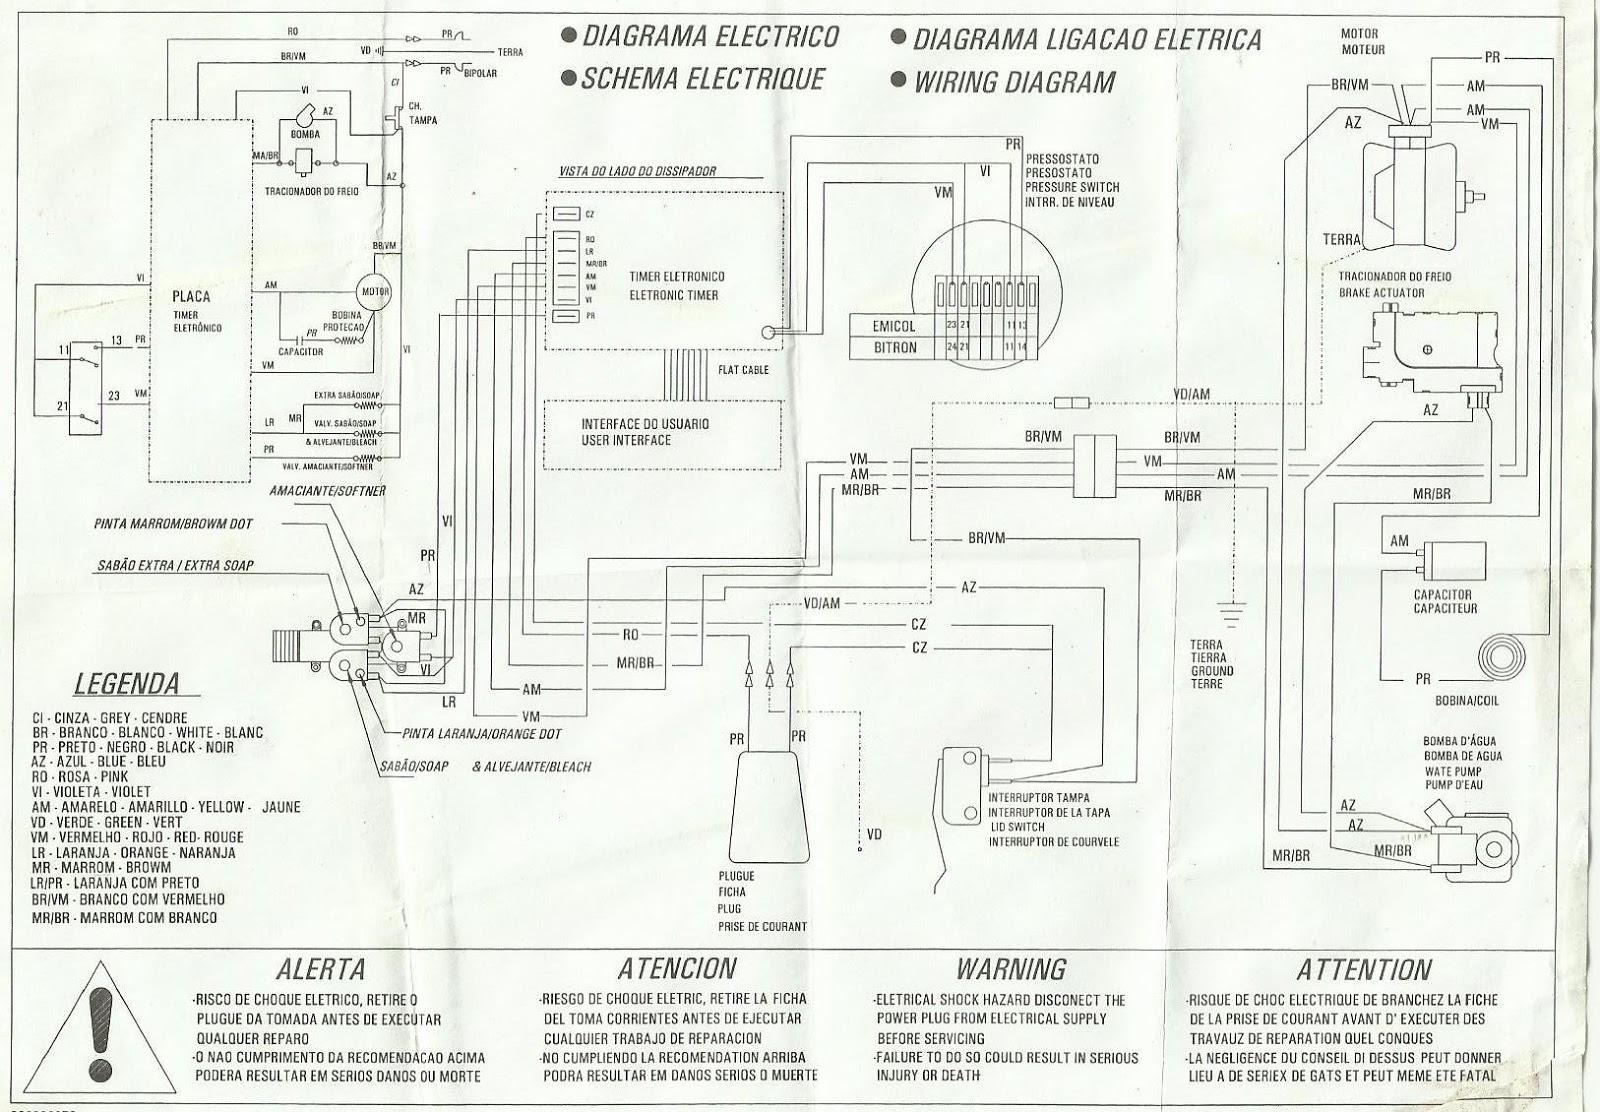 Como Consertar Seu Eletrodomestico Brastemp